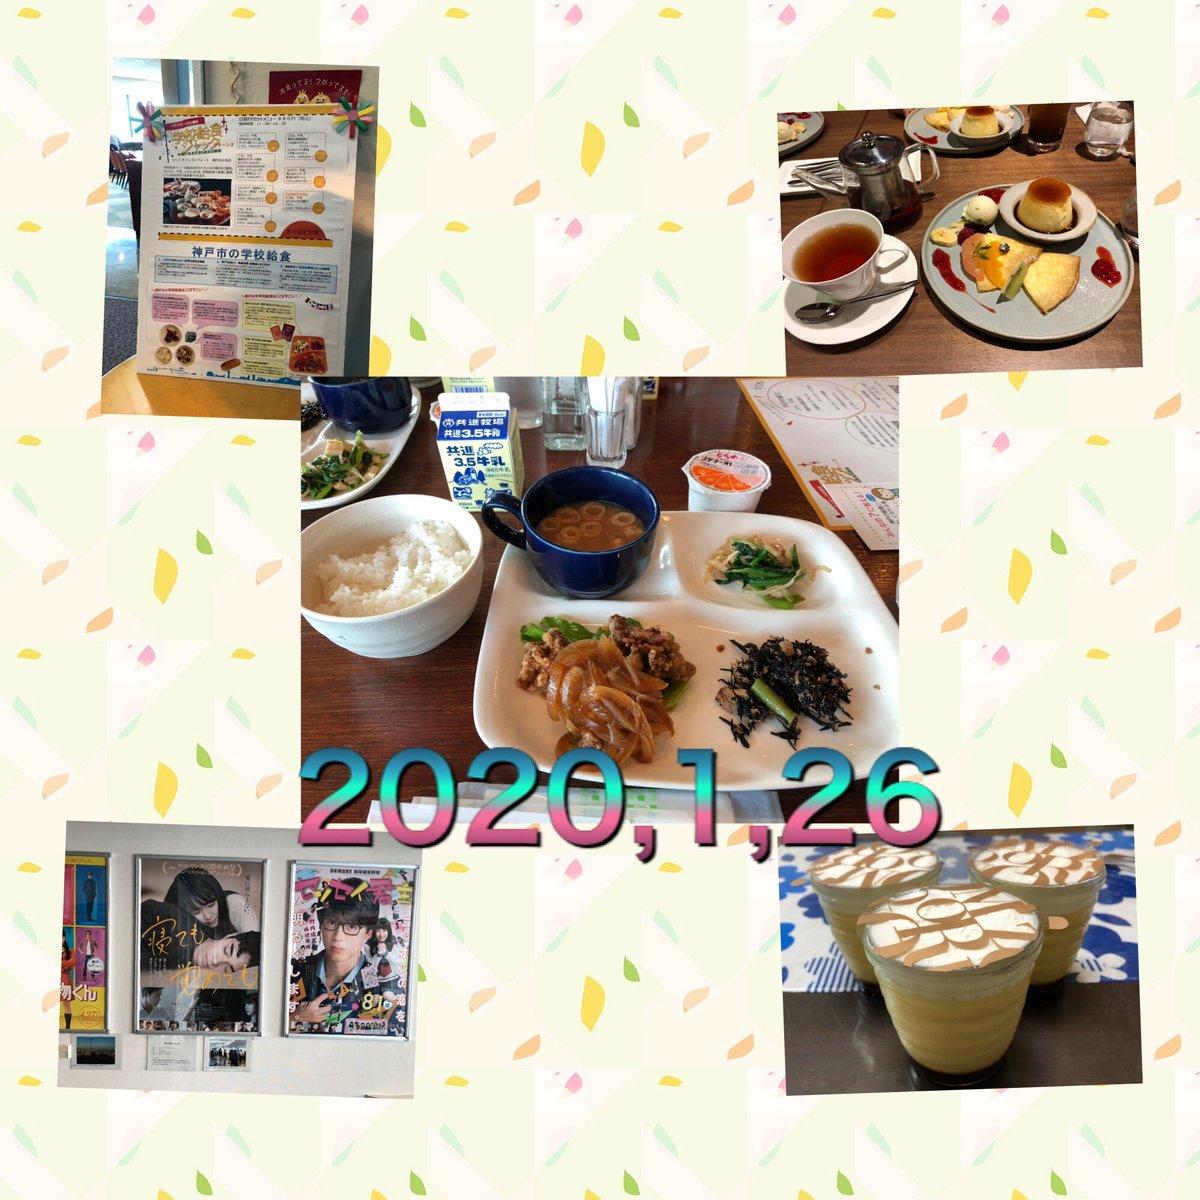 """test ツイッターメディア - 神戸に給食食べに行ってきた~ 神戸がロケ地のポスターが展望フロアに展示されてて…話題の2人のポスターに目が釘付けになっちゃった💦 他にもロケ地の映画たくさんあった~ モロゾフでお茶してお土産に本店限定のプリン買ってきたd(≧▽≦*) 美味しい1日でしたŧ‹""""((。´ω`。))ŧ‹"""" https://t.co/Yl1CJCuAS7"""